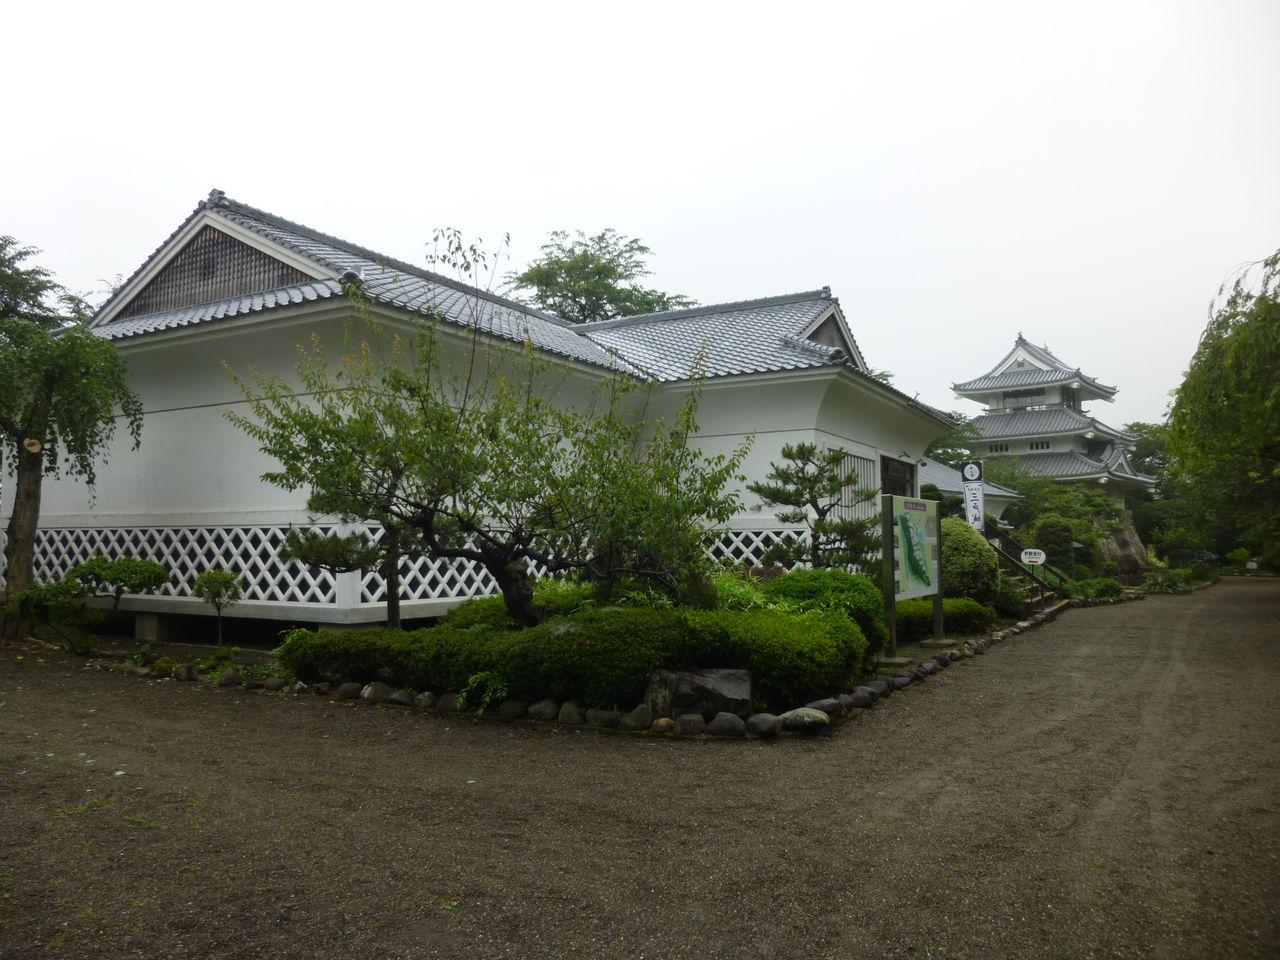 城とか陵墓とか : 三戸城